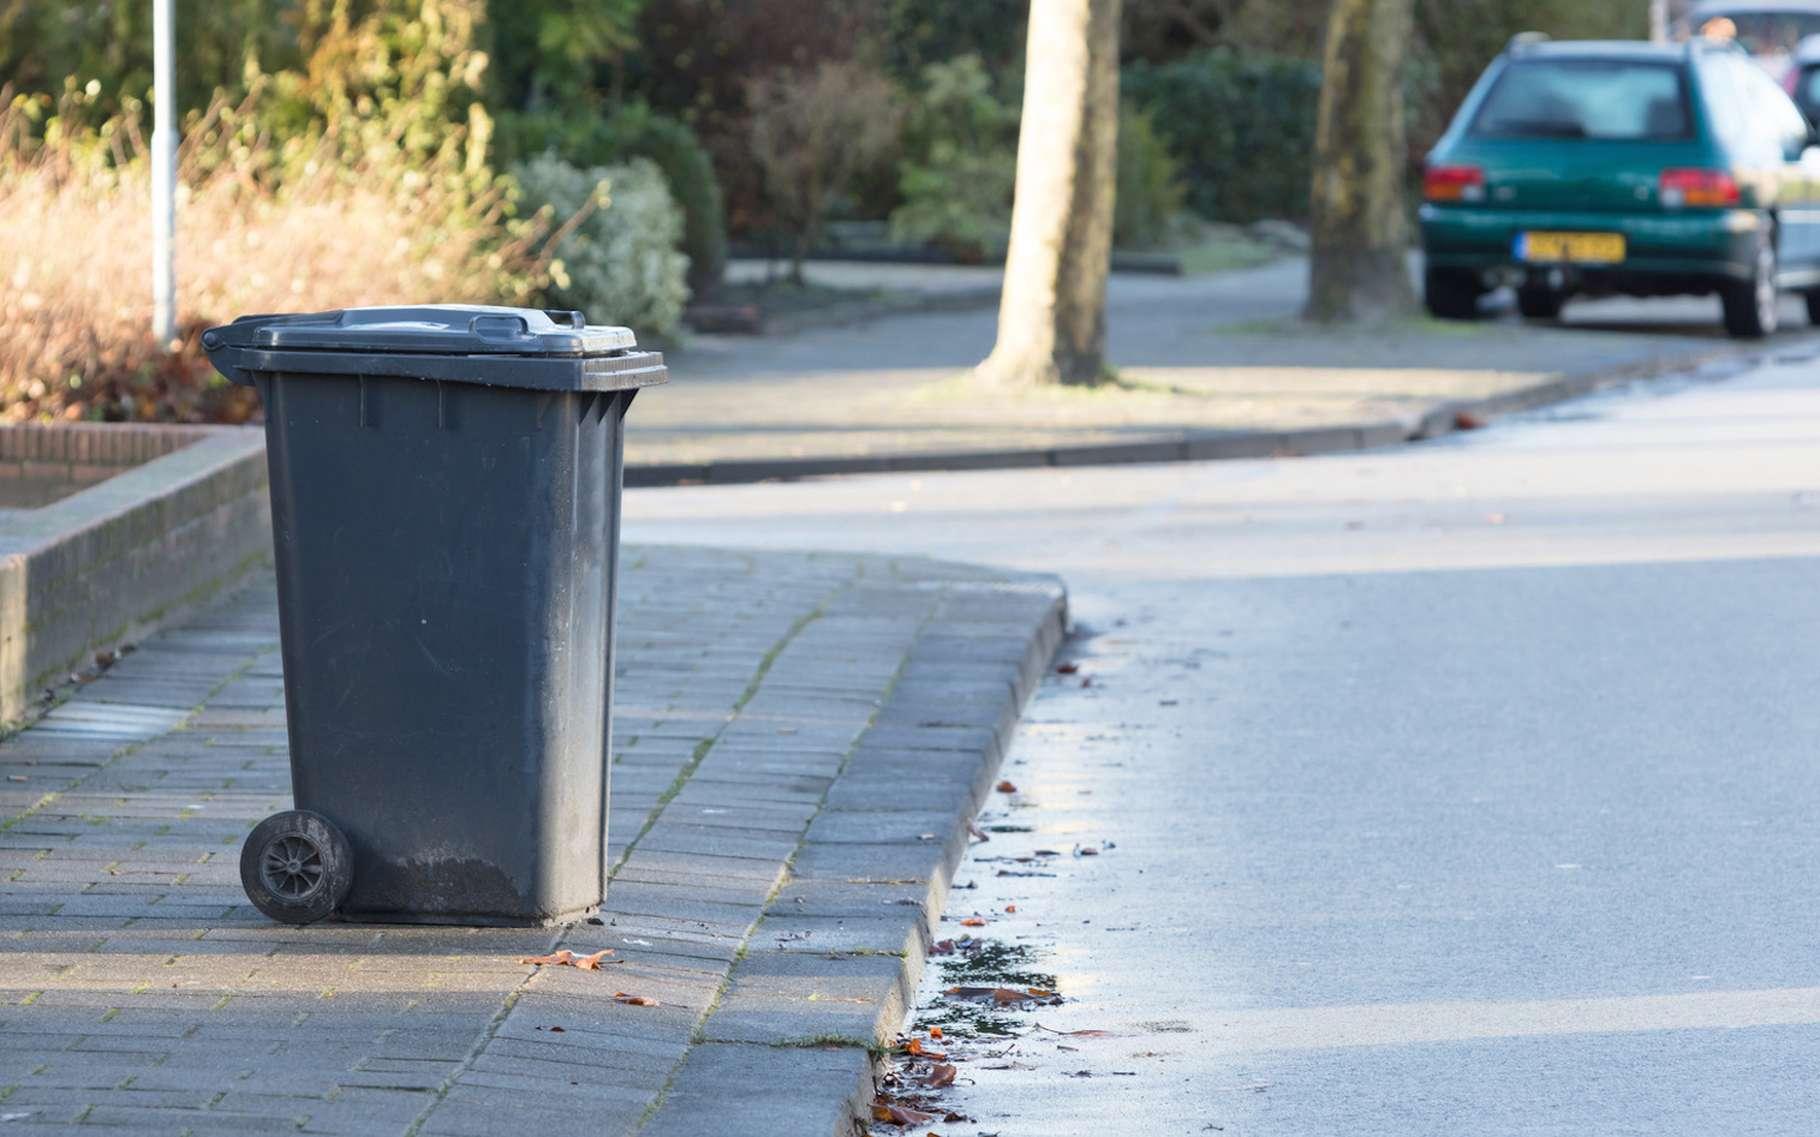 Le placement en centre de stockage des déchets constitue l'ultime maillon de la chaîne du traitement des déchets. © michaklootwijk, Fotolia